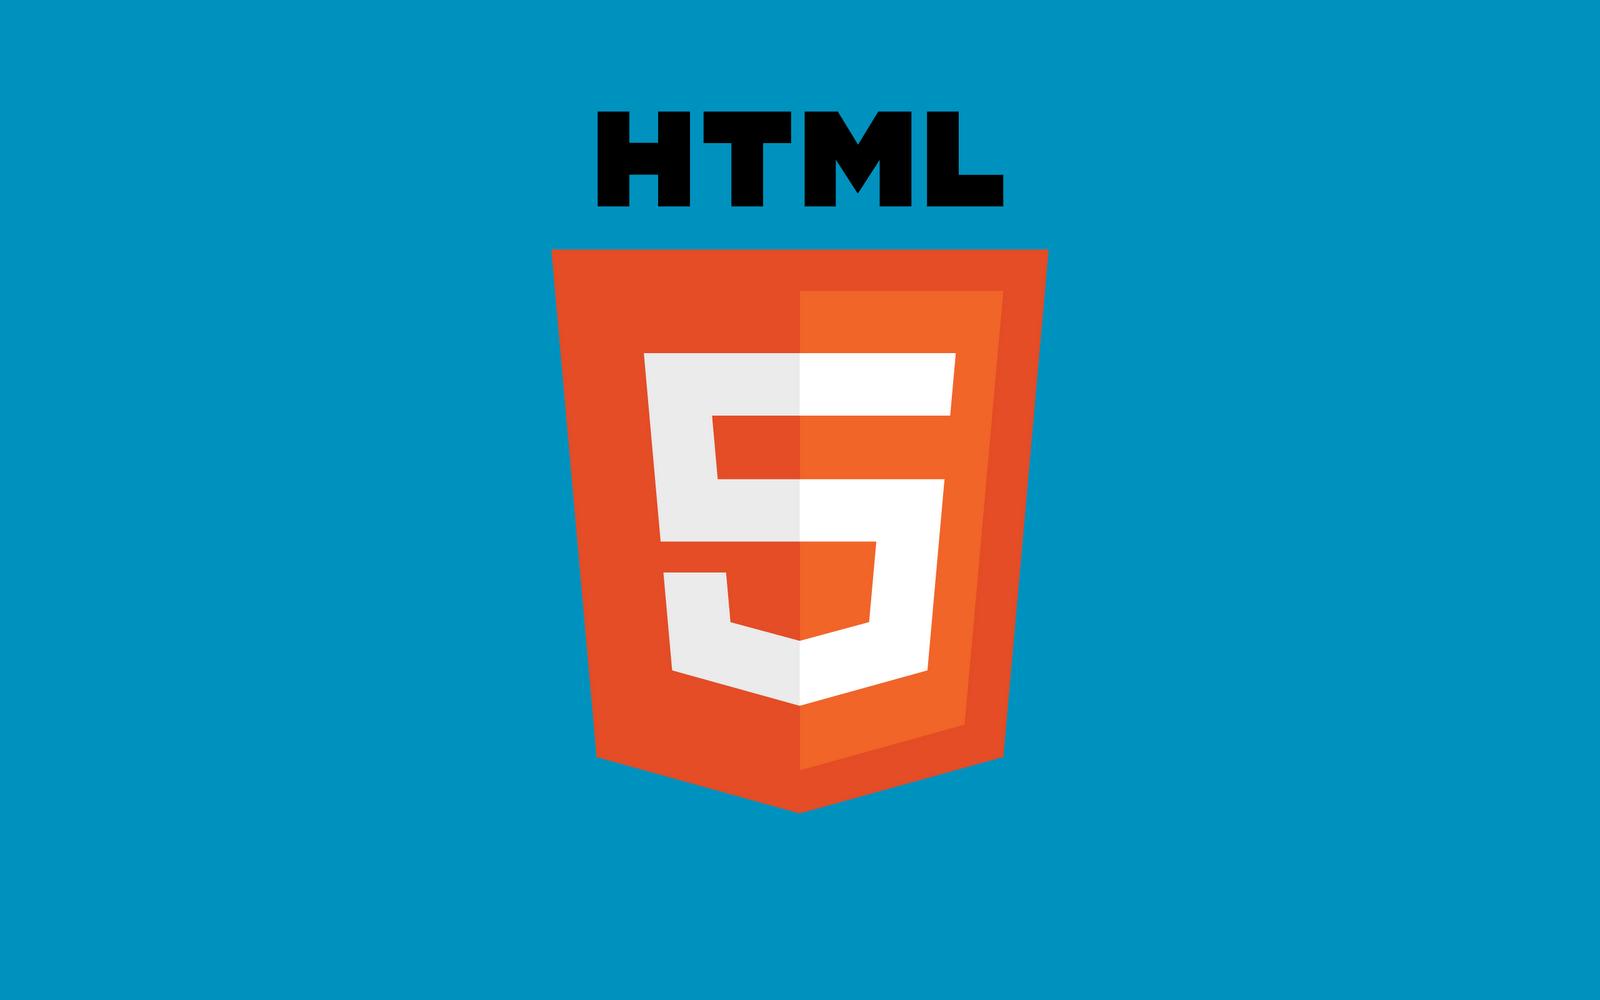 Resultado de imagen de html5